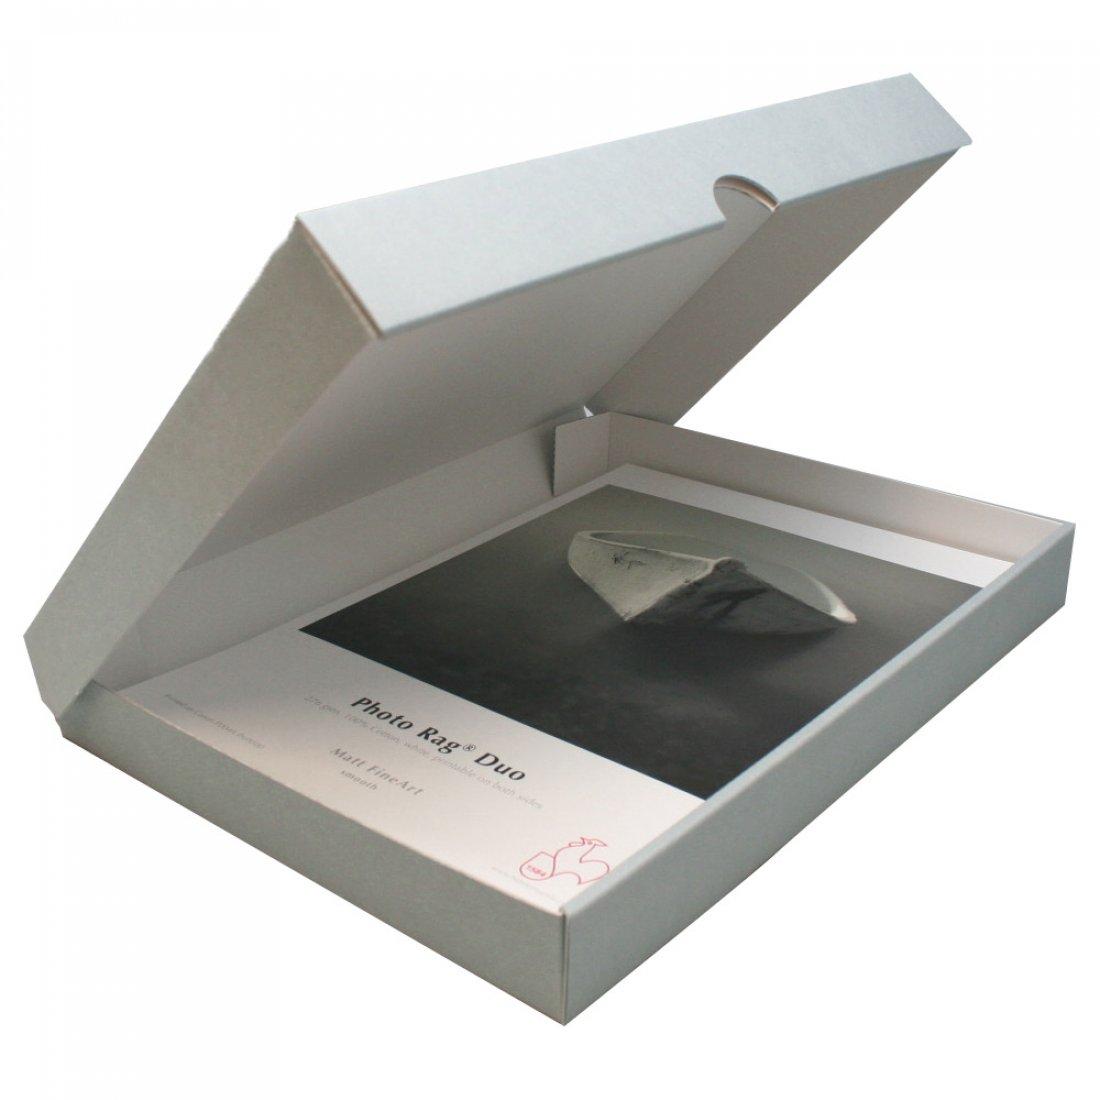 Hauptbild von Hahnemühle Archiv- und Portfolioboxen